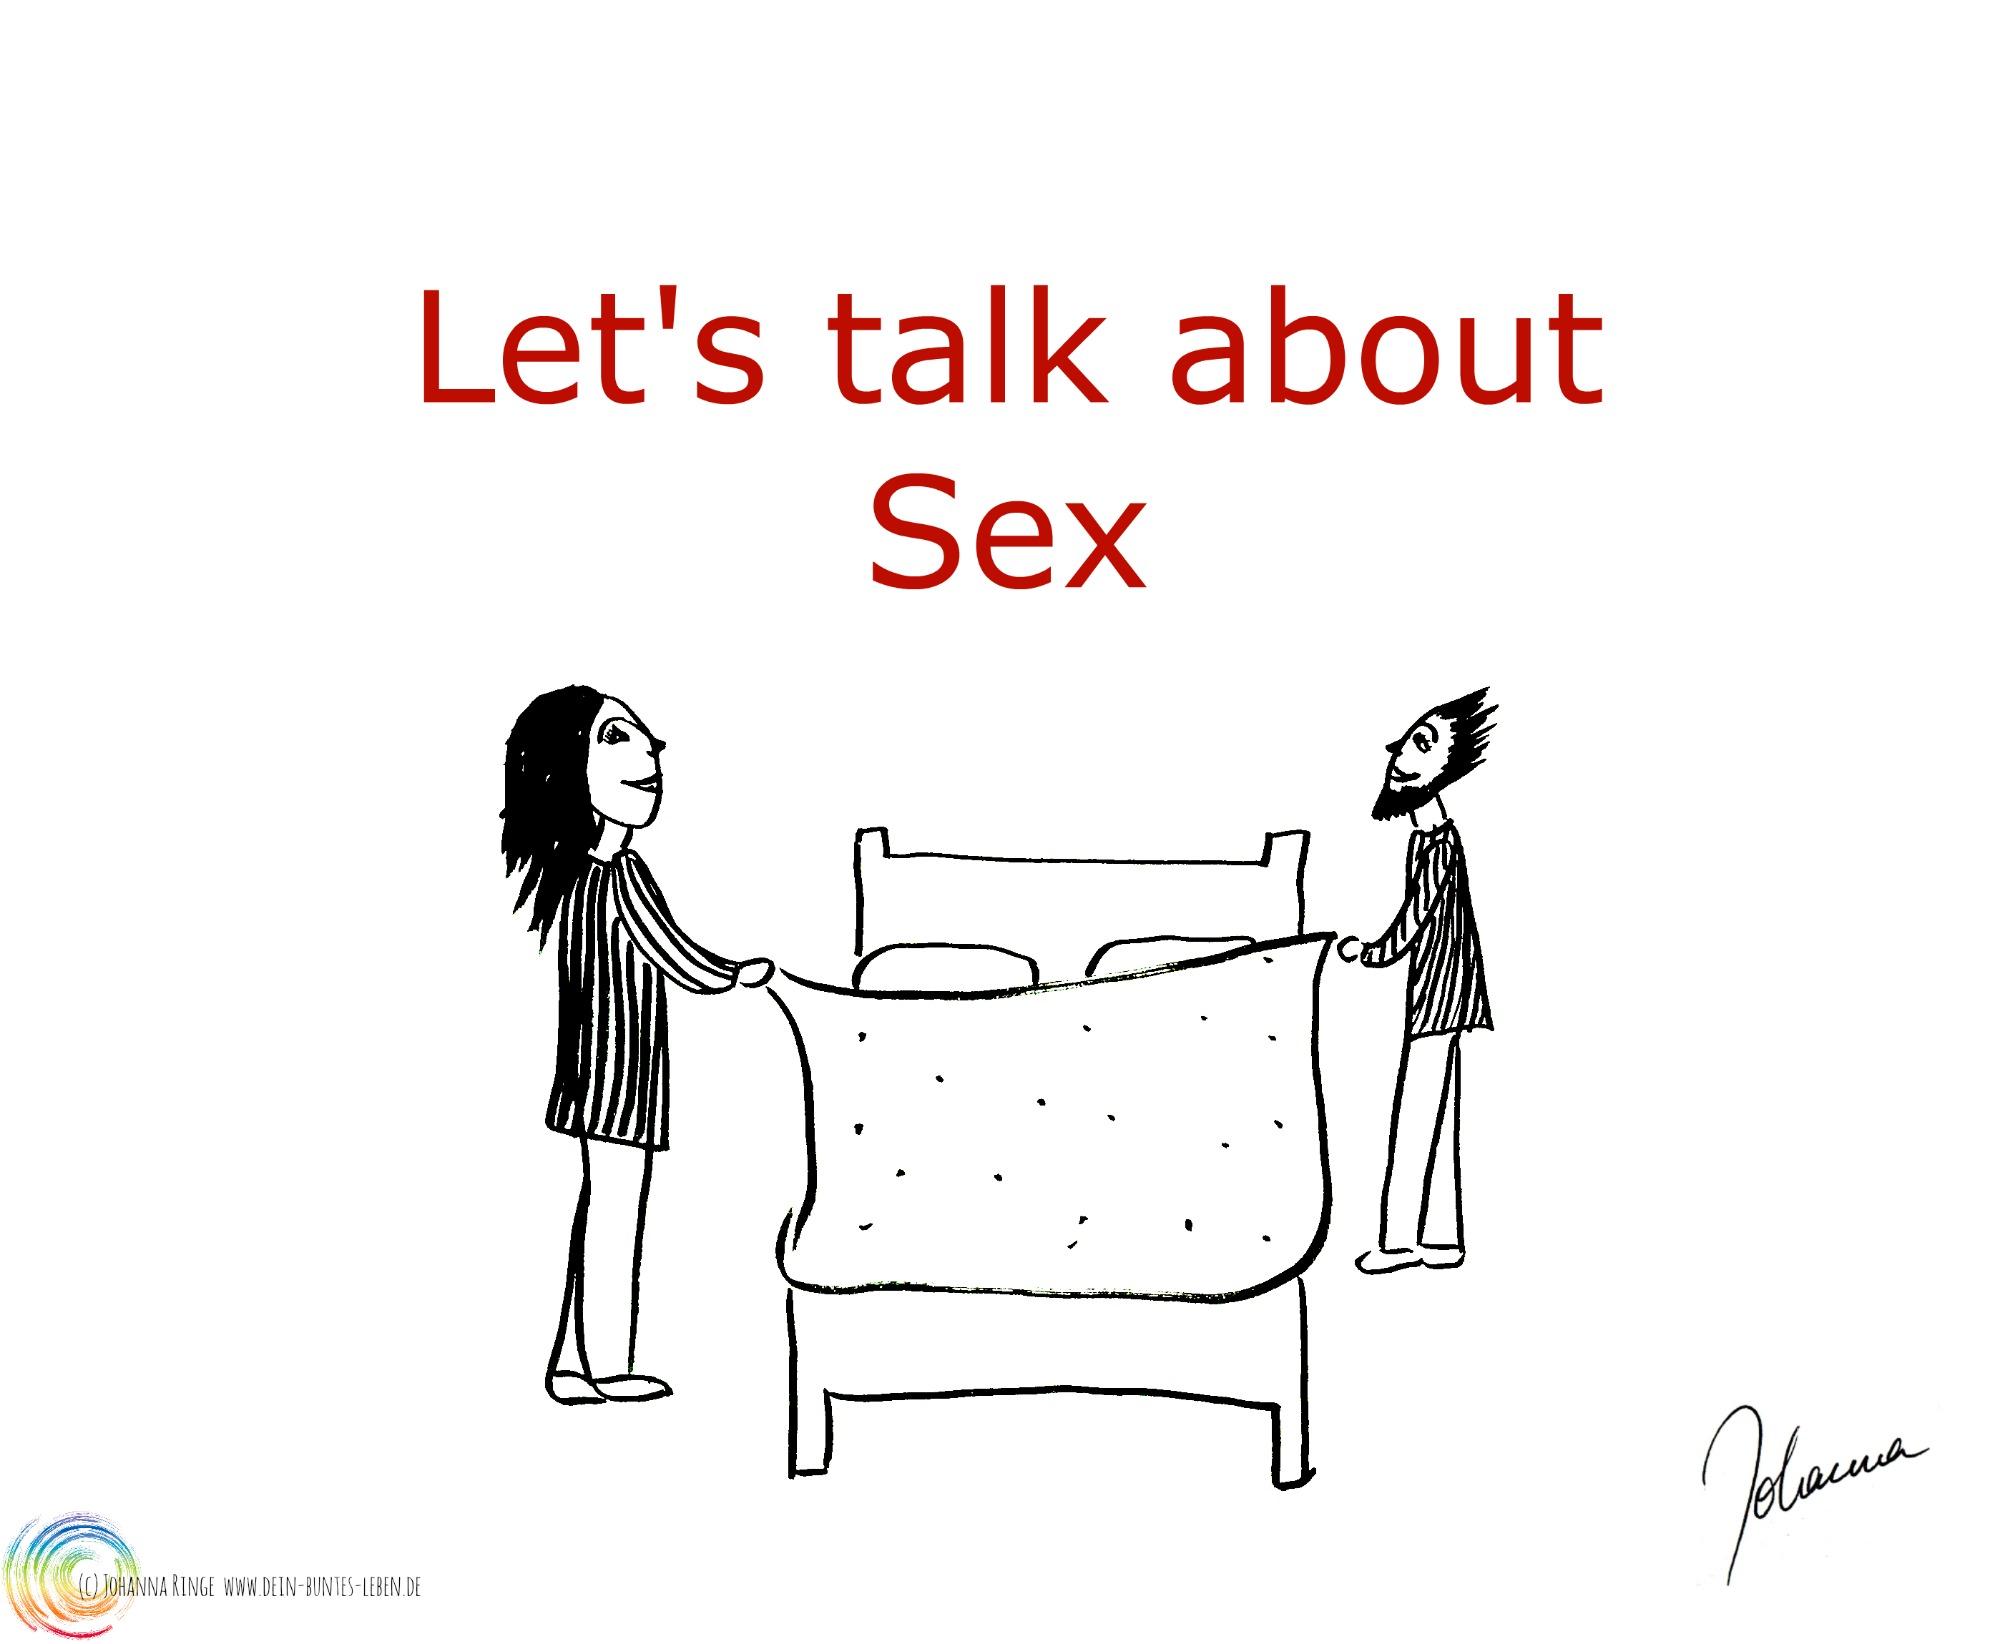 Schriftzug Let's talk about Sex, darunter eine Zeichnung von einem Paar, das gerade in ein Bett steigen will. (c) 2017 Johanna Ringe www.dein-buntes-leben.de